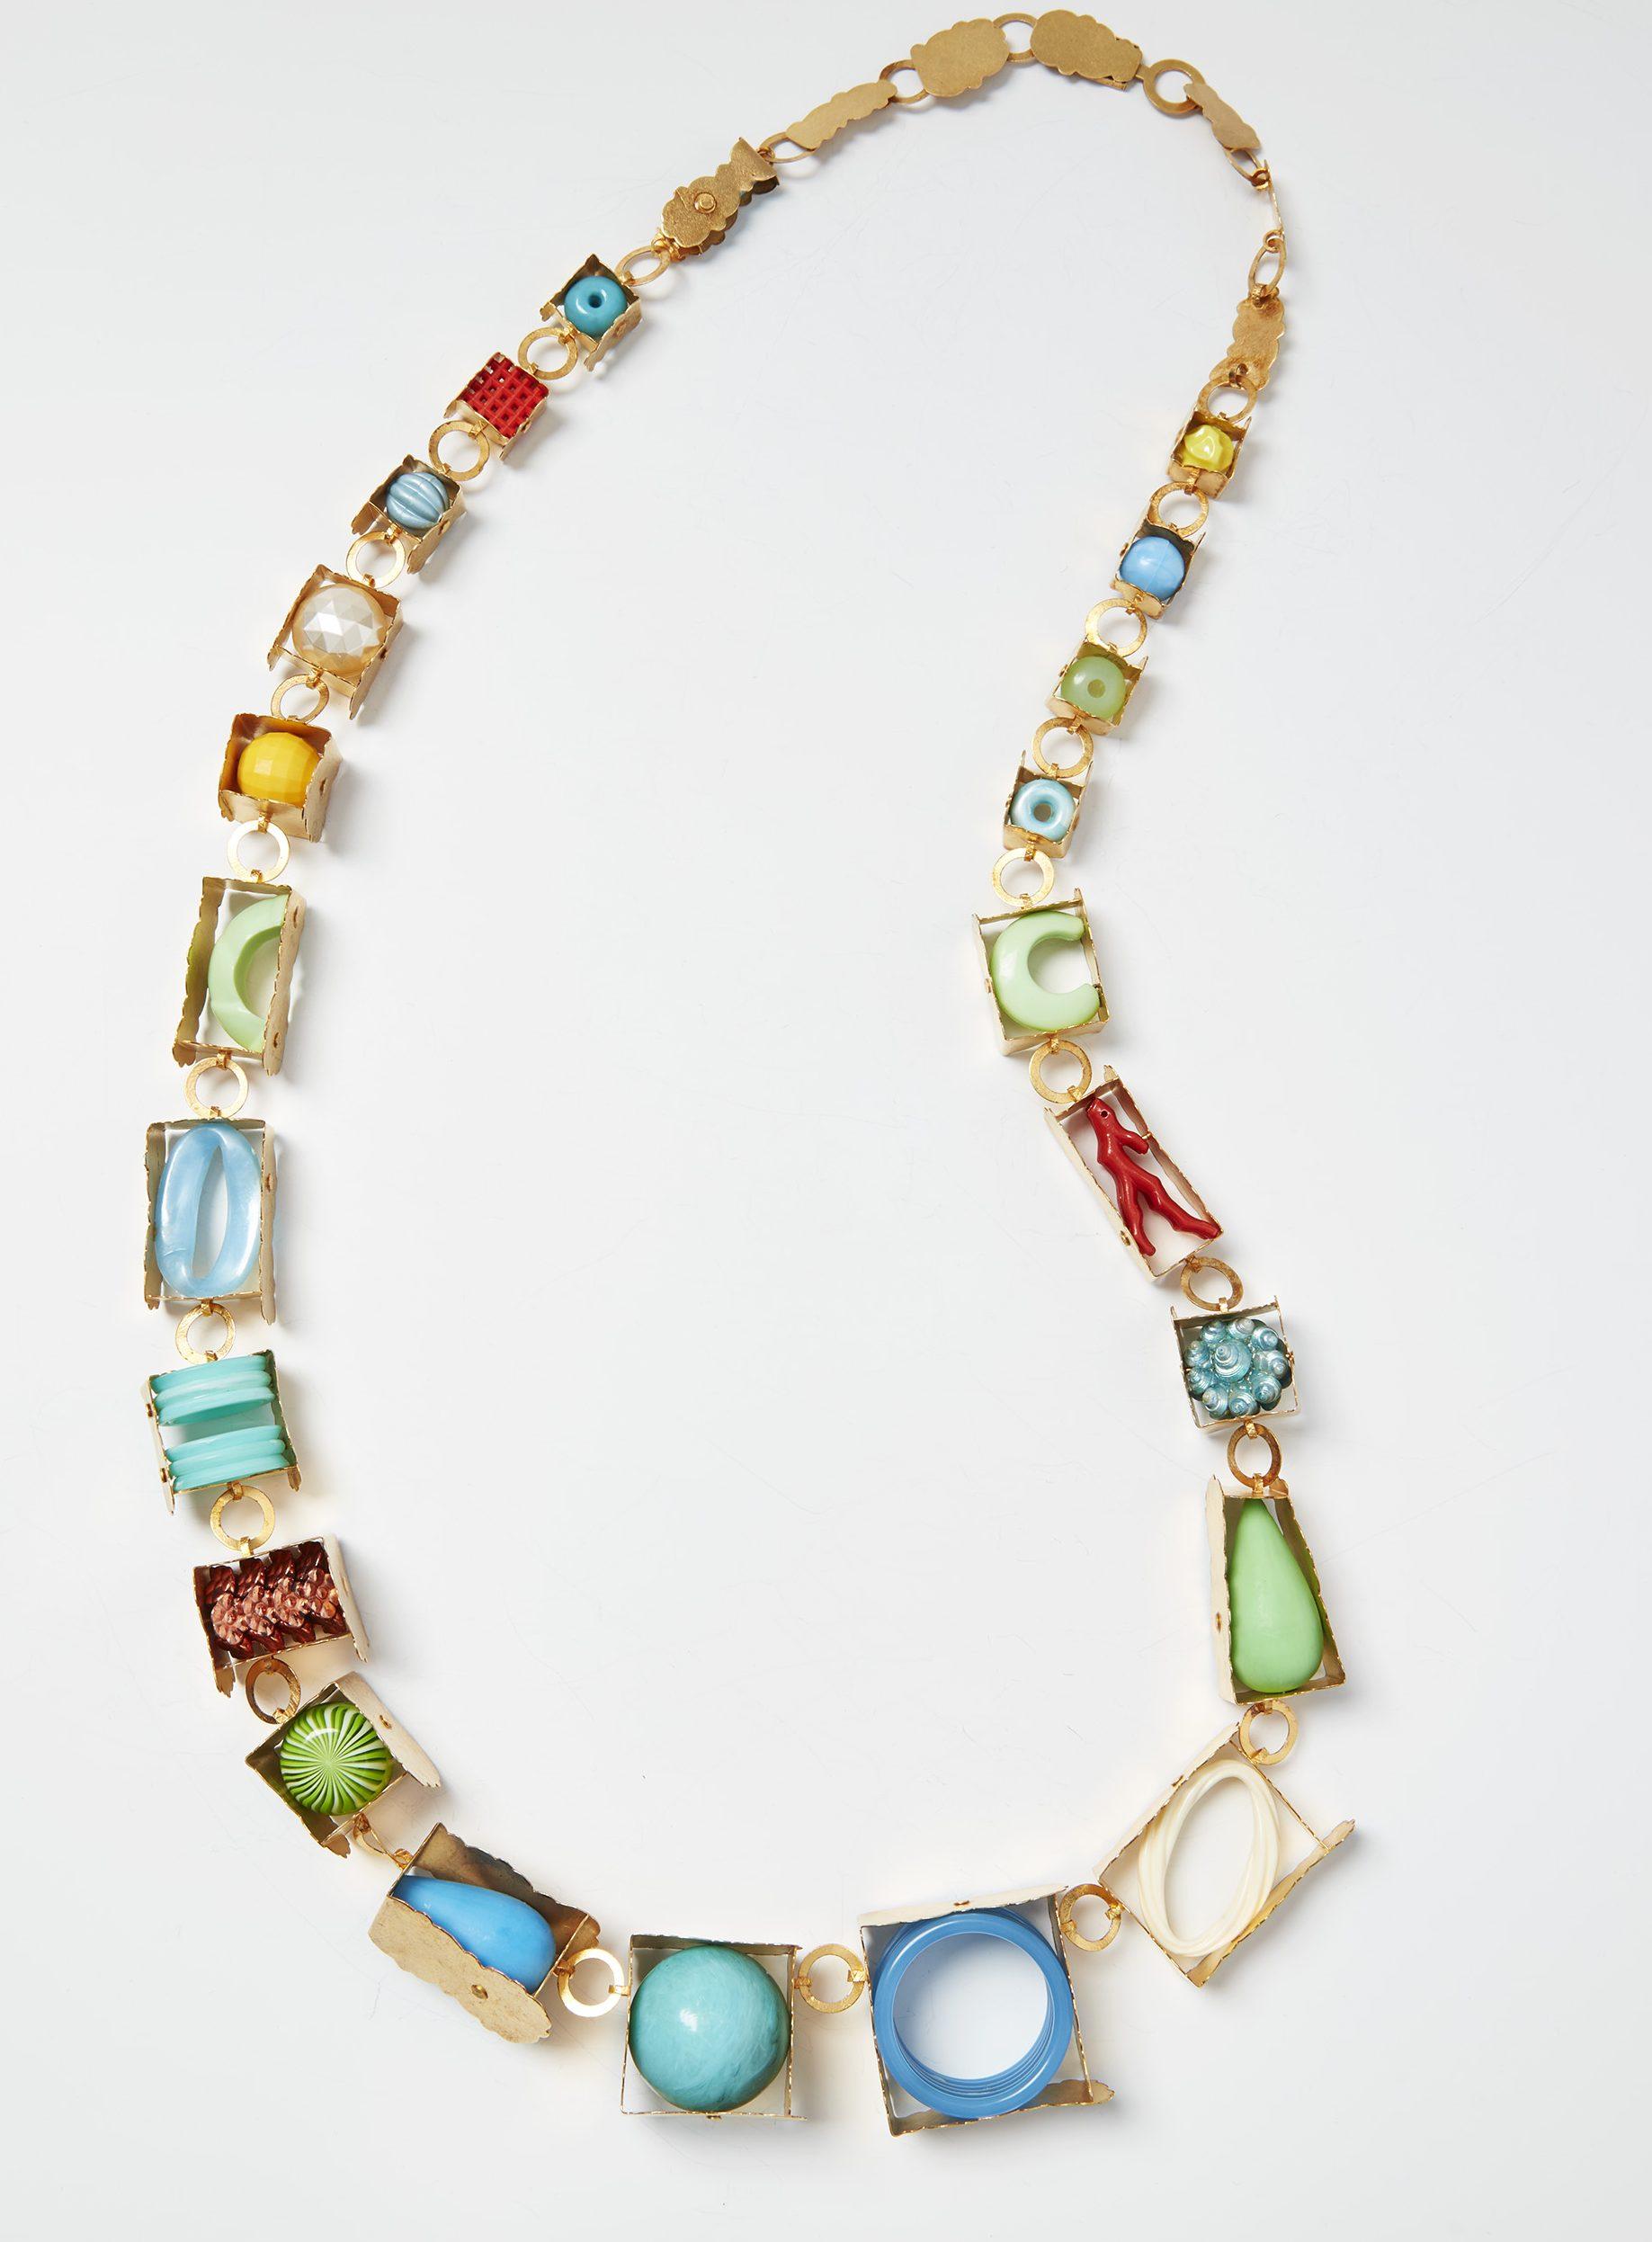 Helen Britton, Dekorationswut, halssieraad, zilver, kunststof en verf, 2013, Collectie CODA. Foto met dank aan CODA©